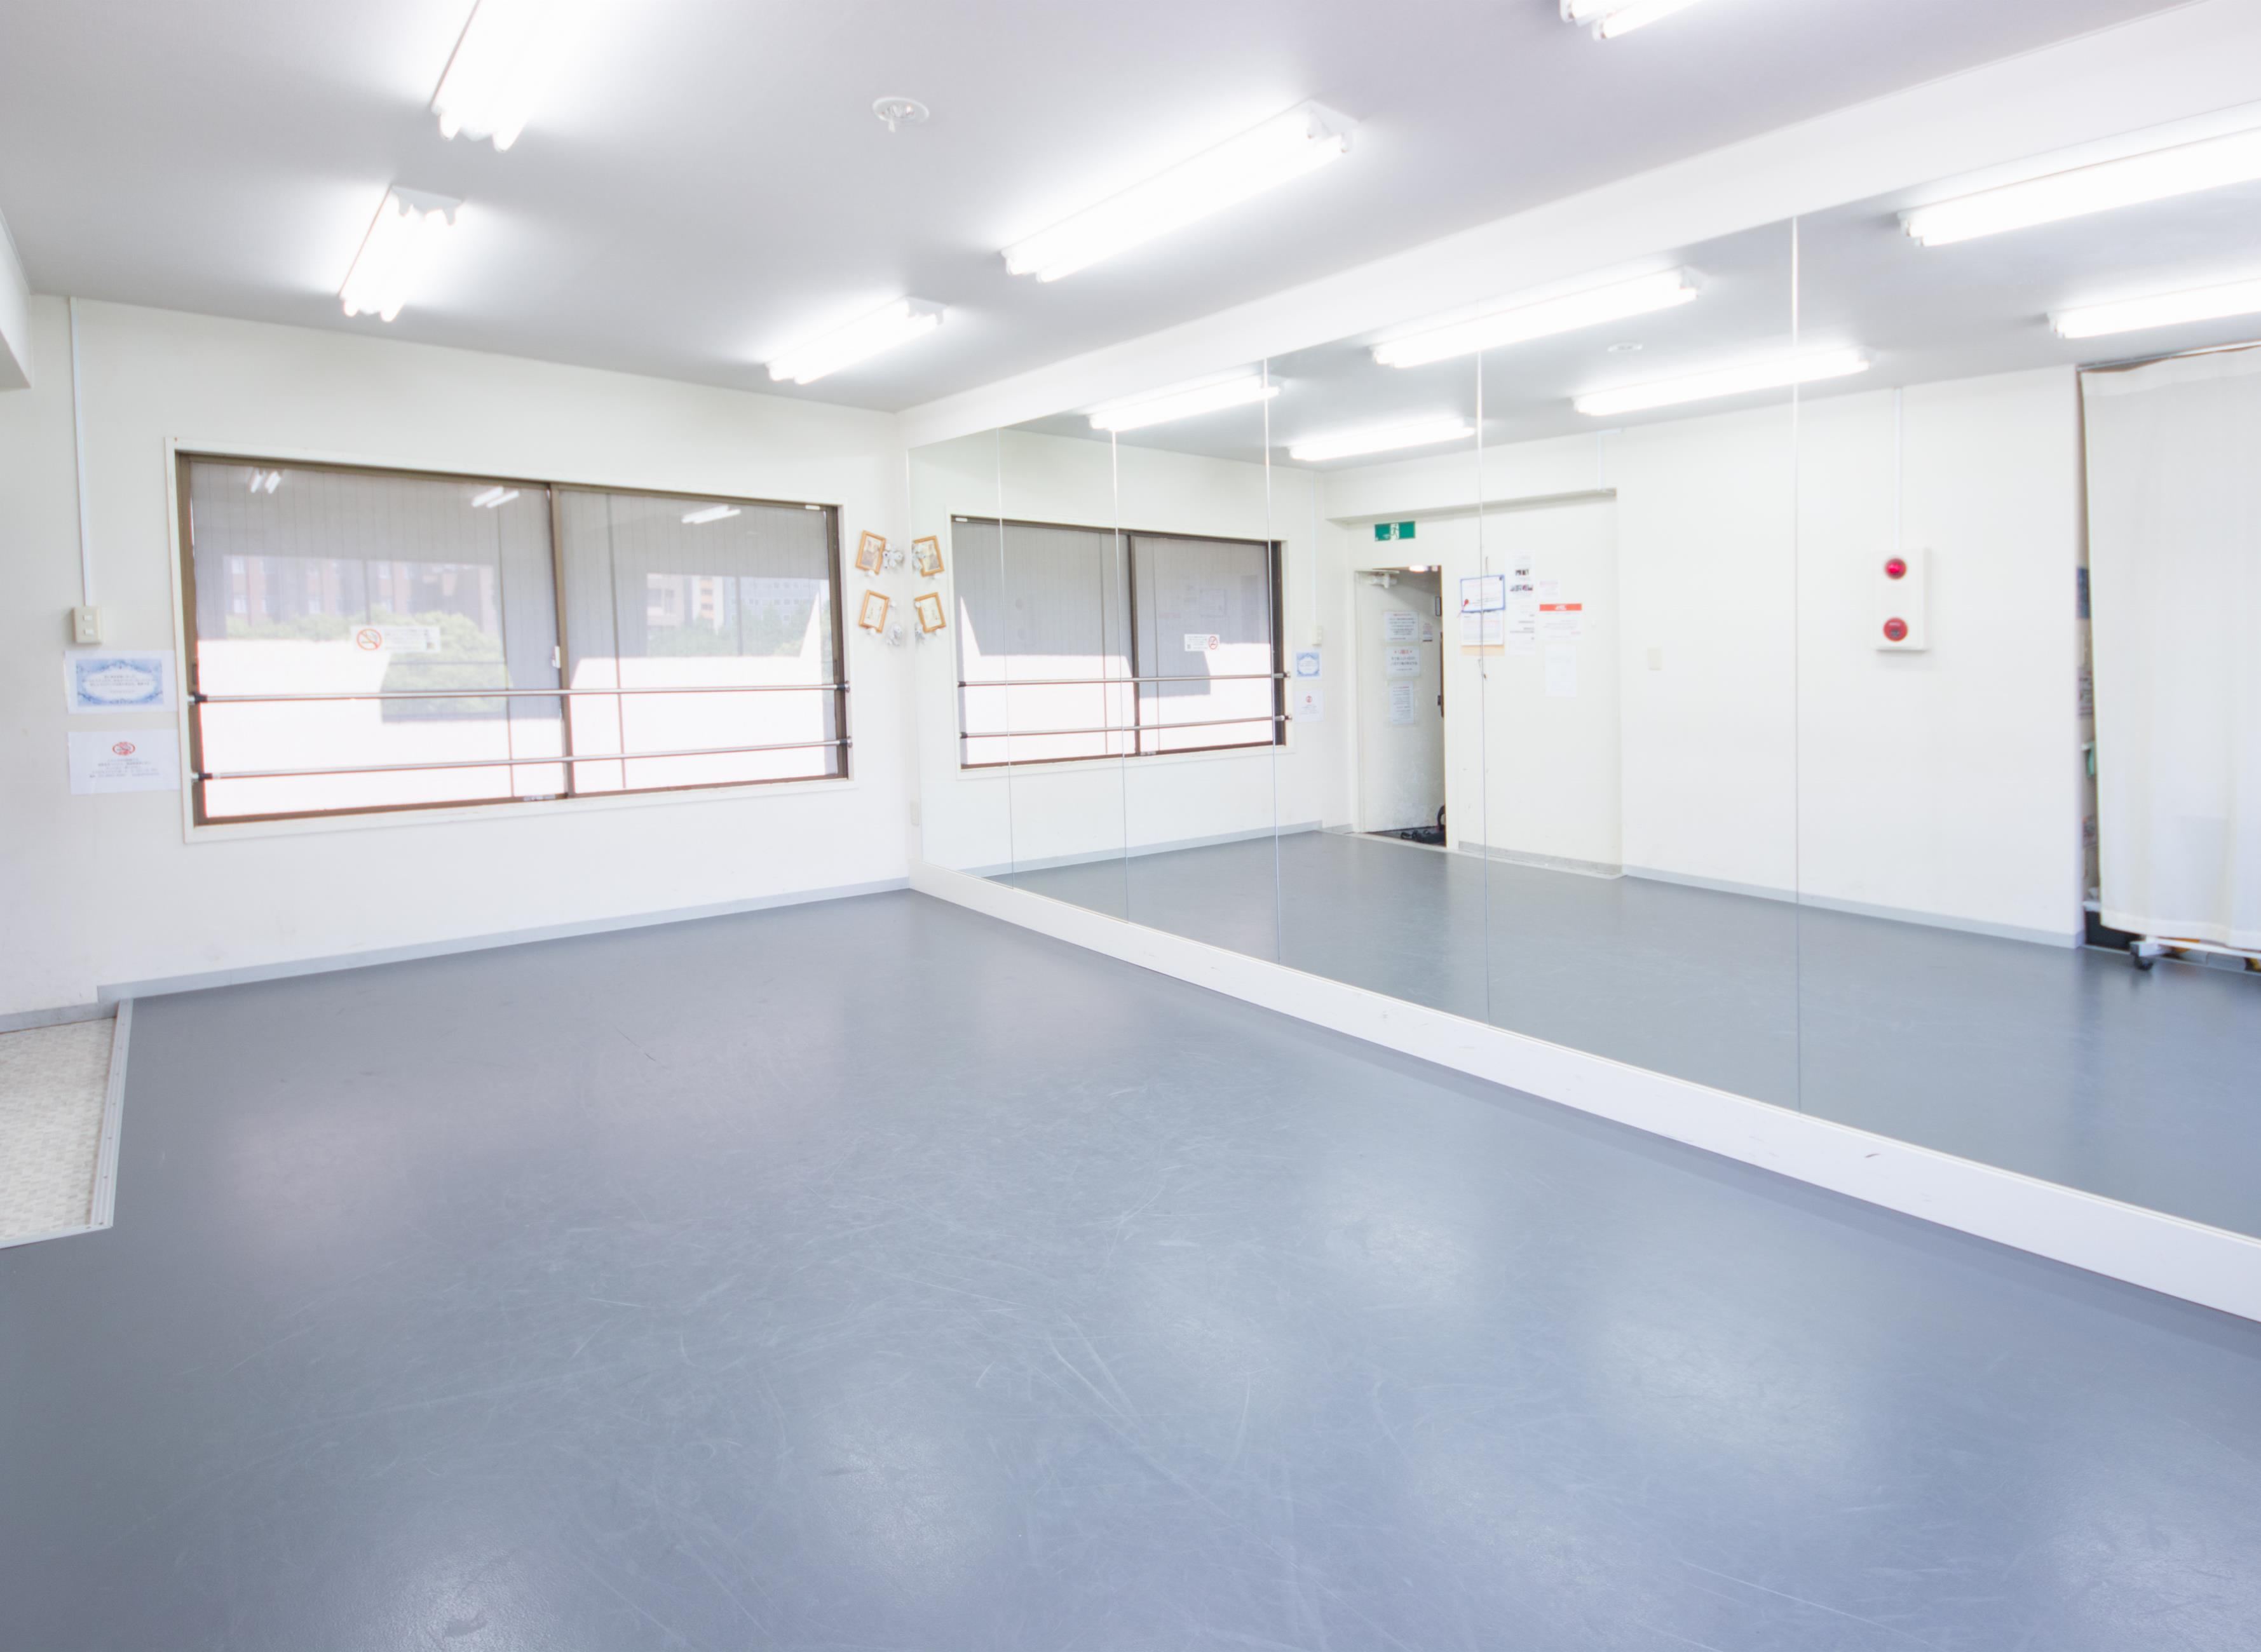 総武線 中央線 御茶ノ水レンタルスタジオ バレエ教室